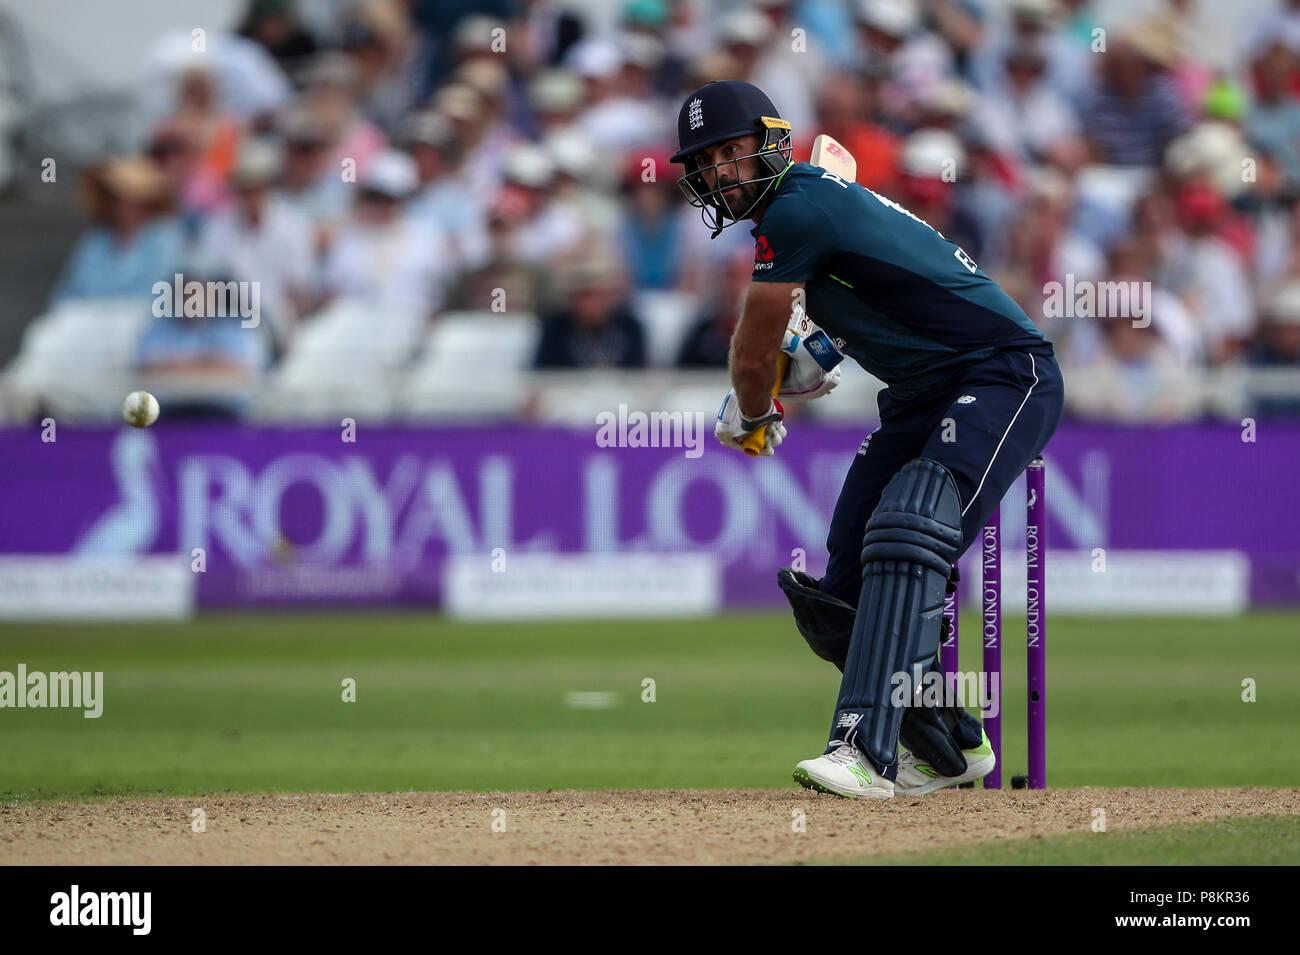 Trent Bridge, Nottingham, UK. 12. Juli 2018. Internationaler Tag Cricket, zwischen England und Indien; Liam Plunkett von England bereitet in den ball Kredit zu starten: Aktion Plus Sport Bilder/Alamy leben Nachrichten Stockfoto